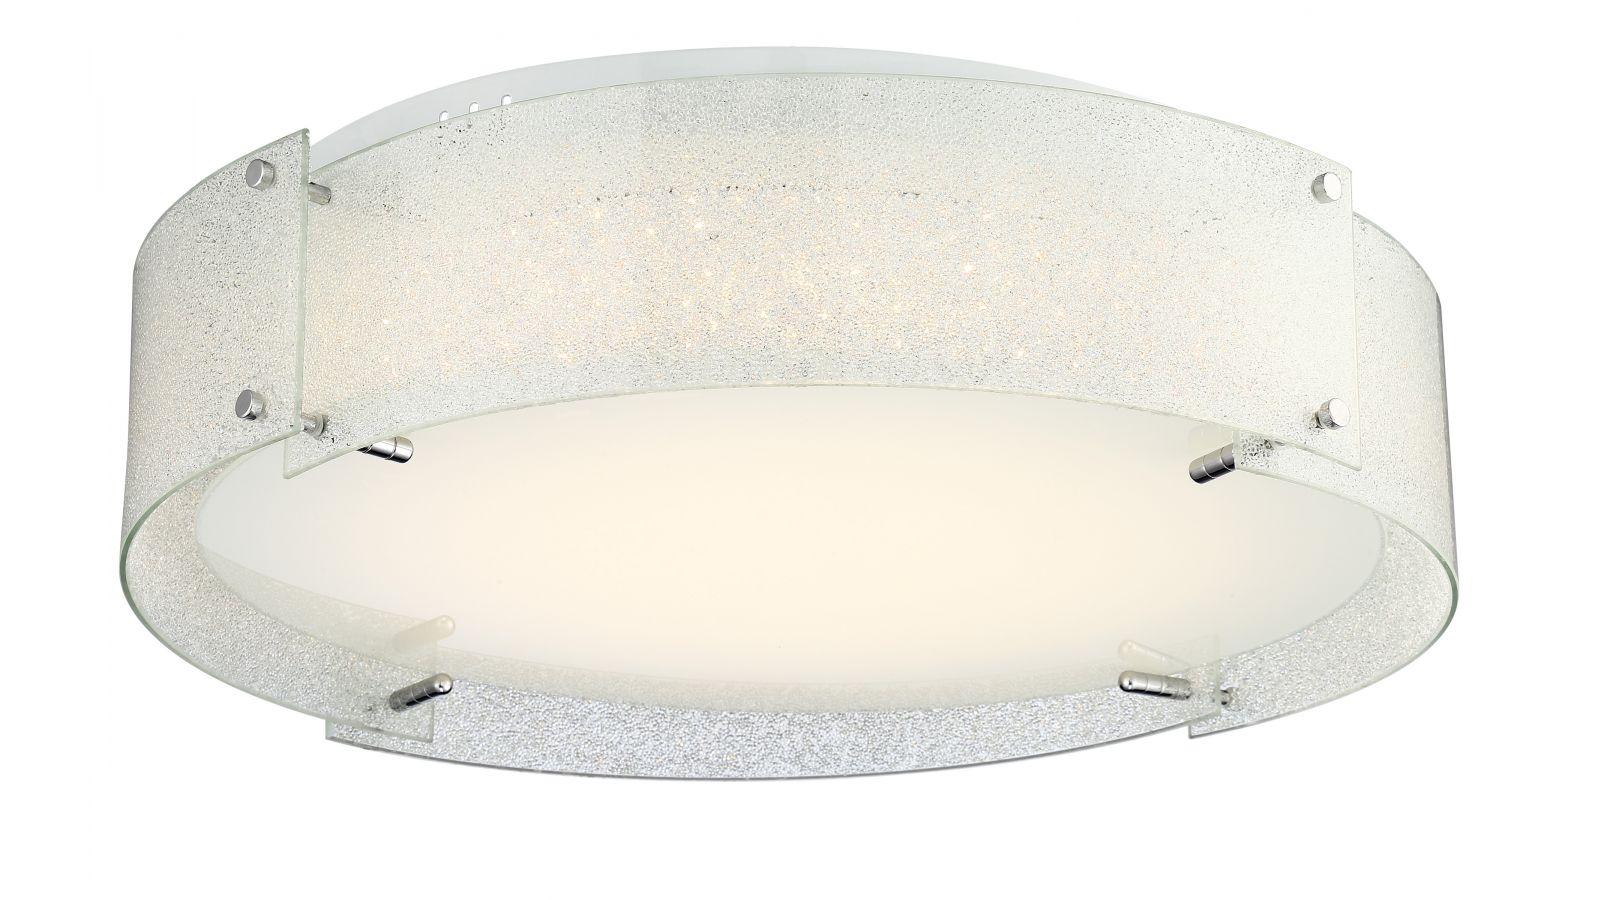 Kaelin Large Diamond LED Flush Mount Fixture - LS 5420 DIAMOND